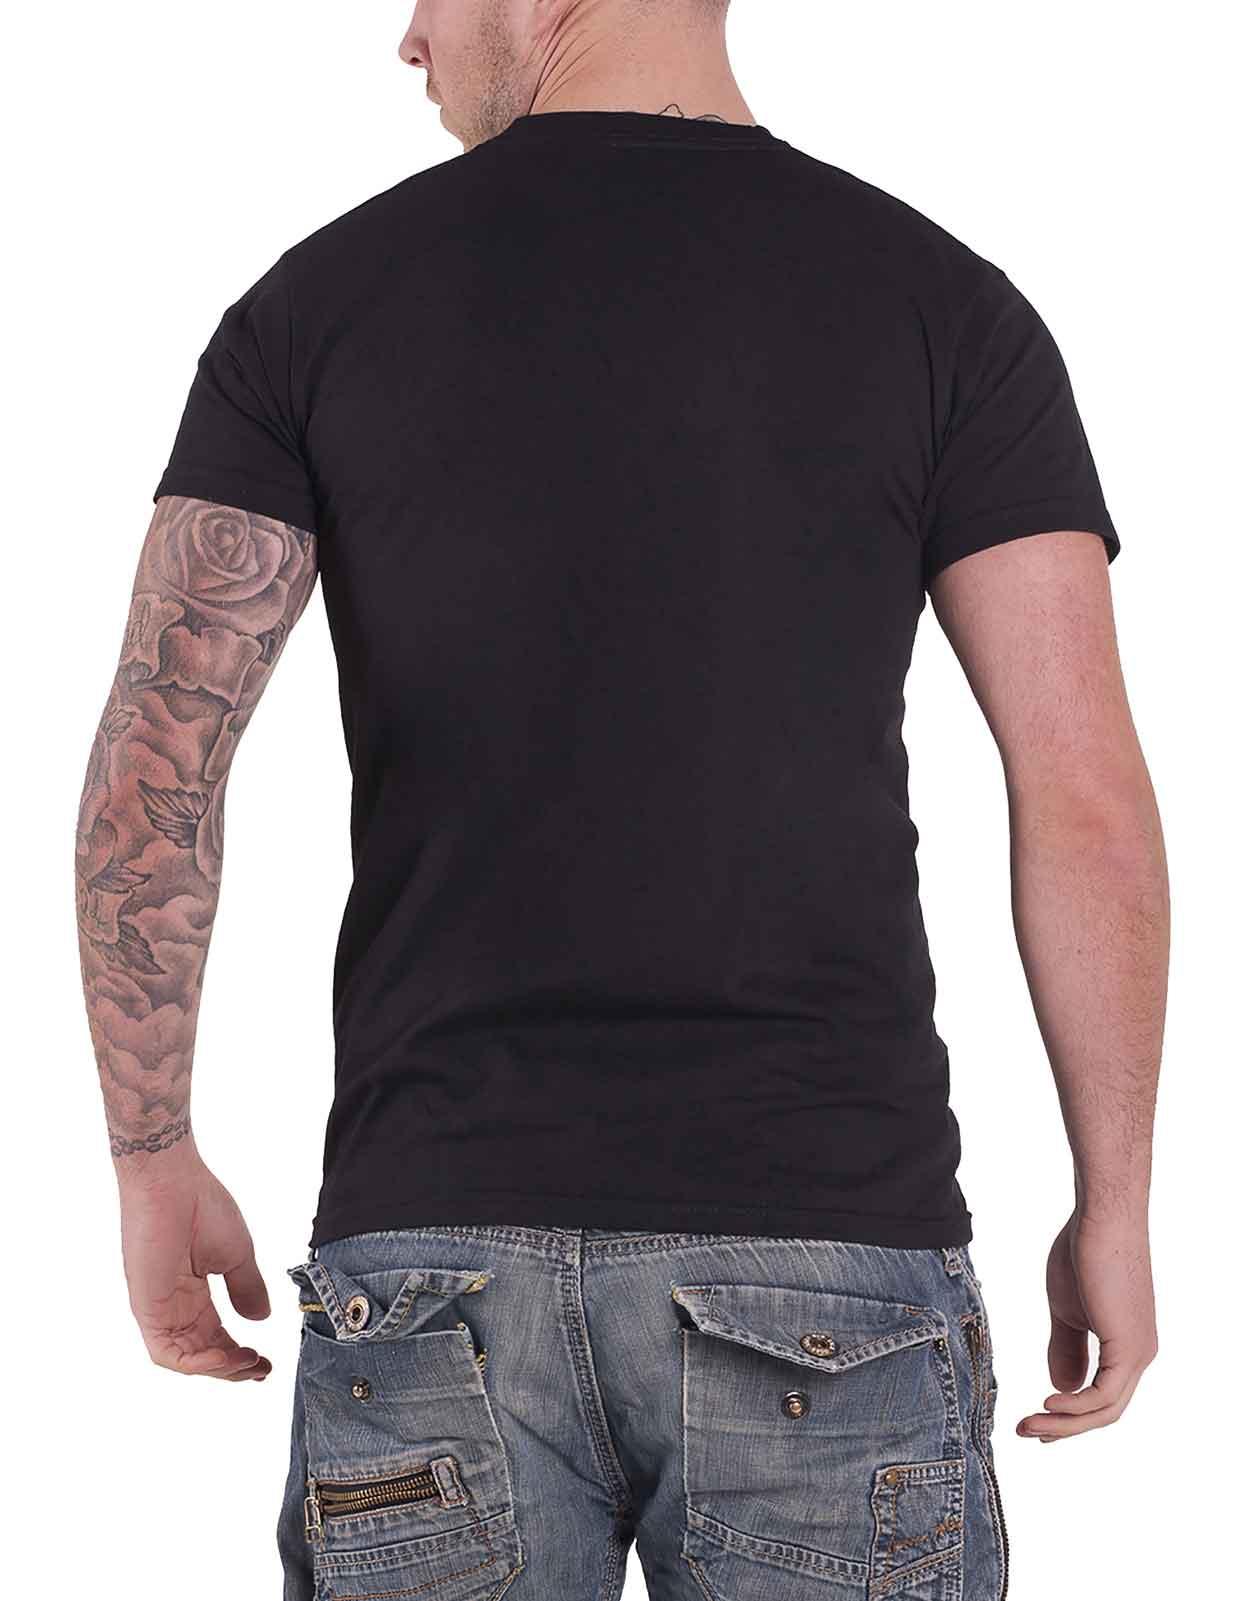 Rick-and-Morty-T-Shirt-Pickle-Rick-Portail-spirale-Wubba-Lubba-nouveau-officiel-Homme miniature 39